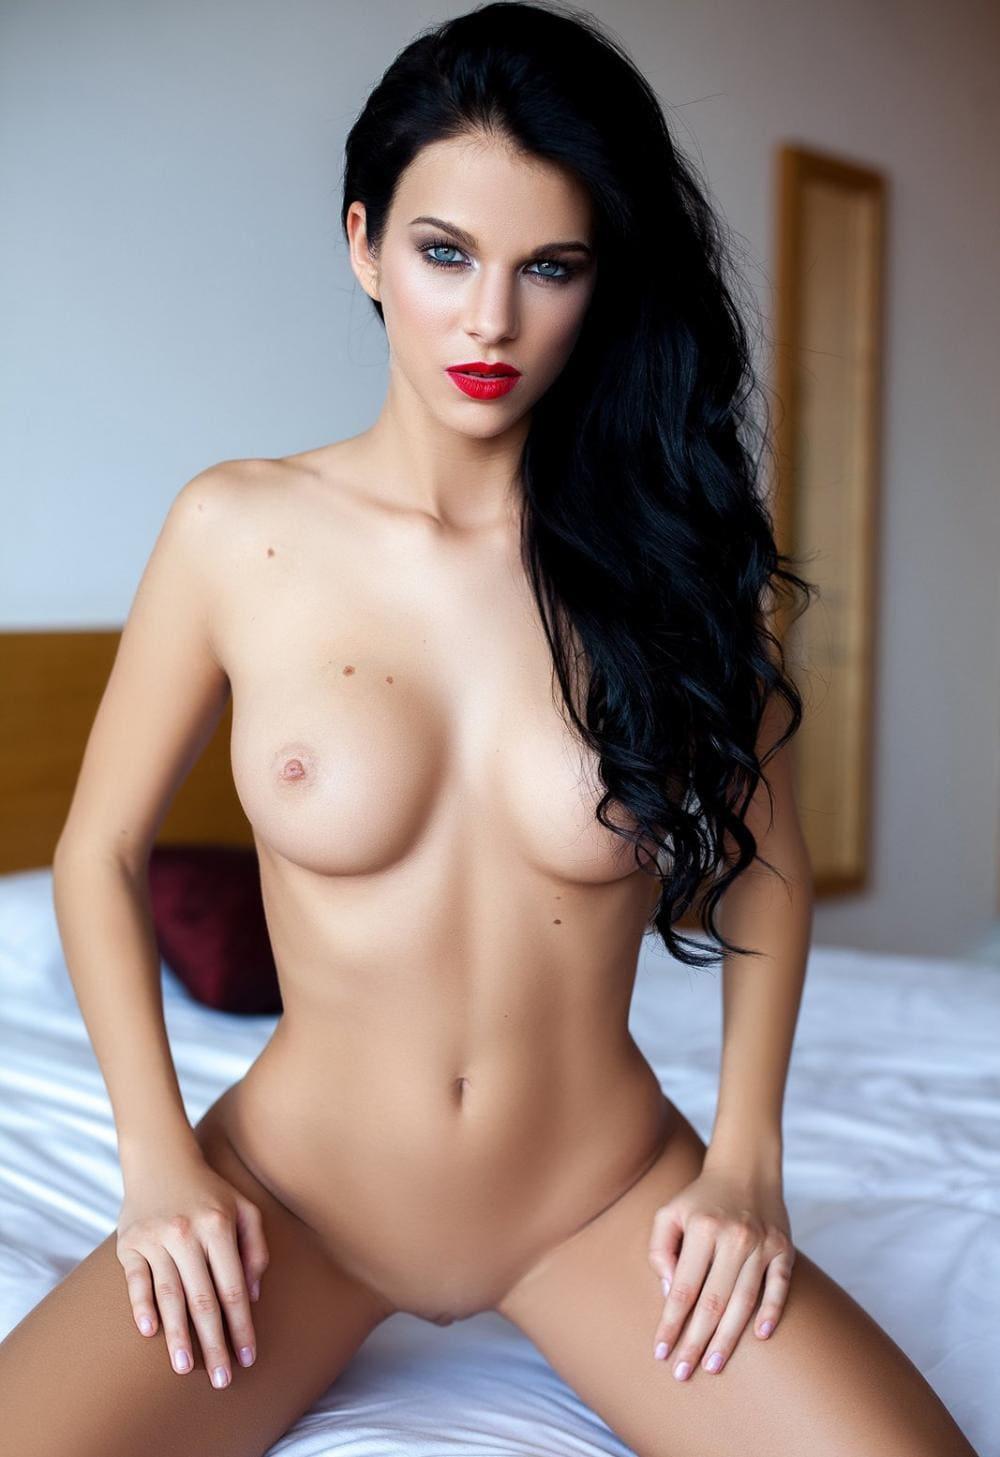 Фото голых брюнеток сидит на коленях длинные красивые волосы, яркая красная помада,необыкновенно красивые глаза